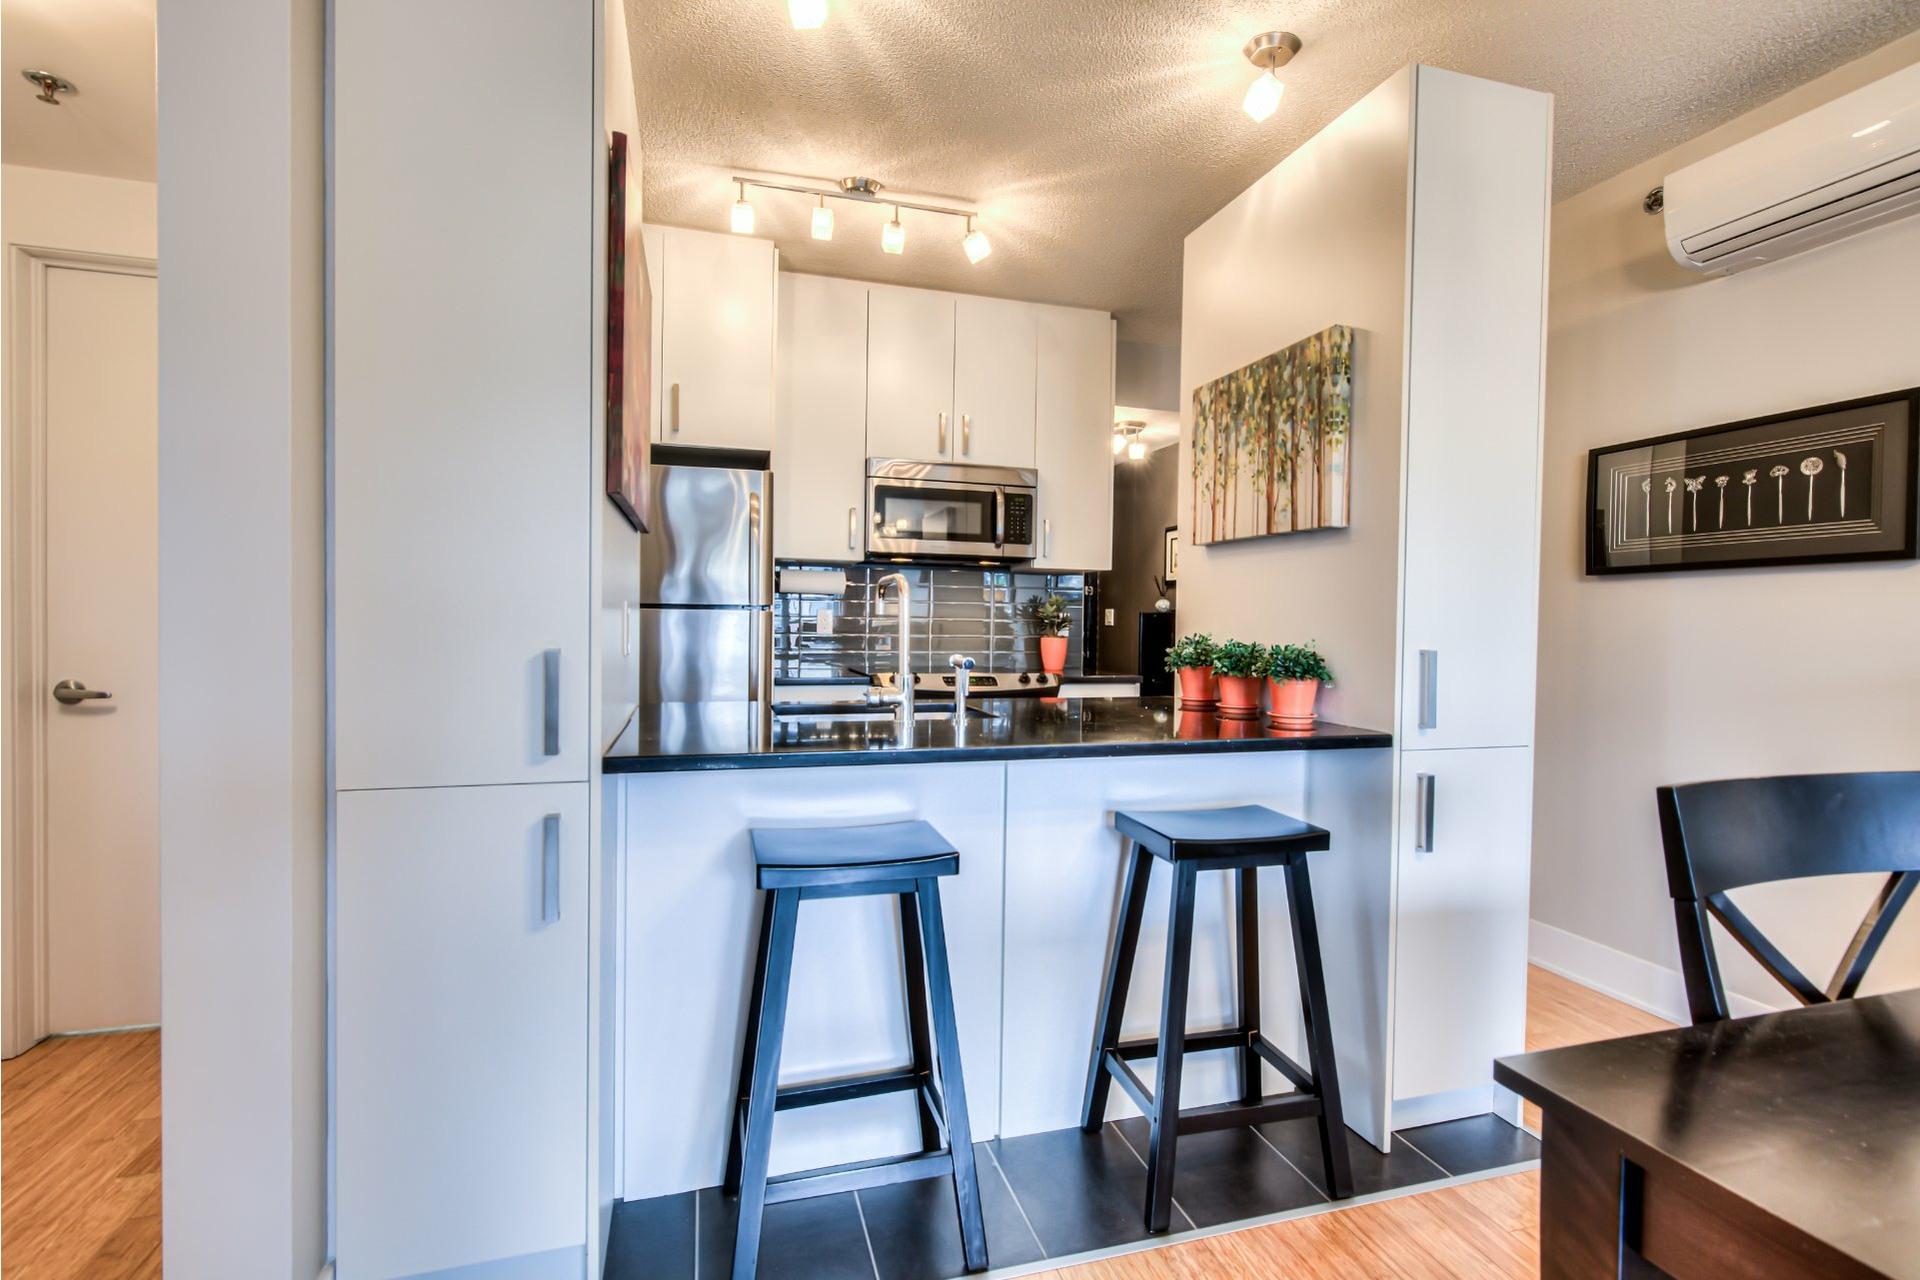 image 6 - Appartement À vendre Ville-Marie Montréal  - 7 pièces